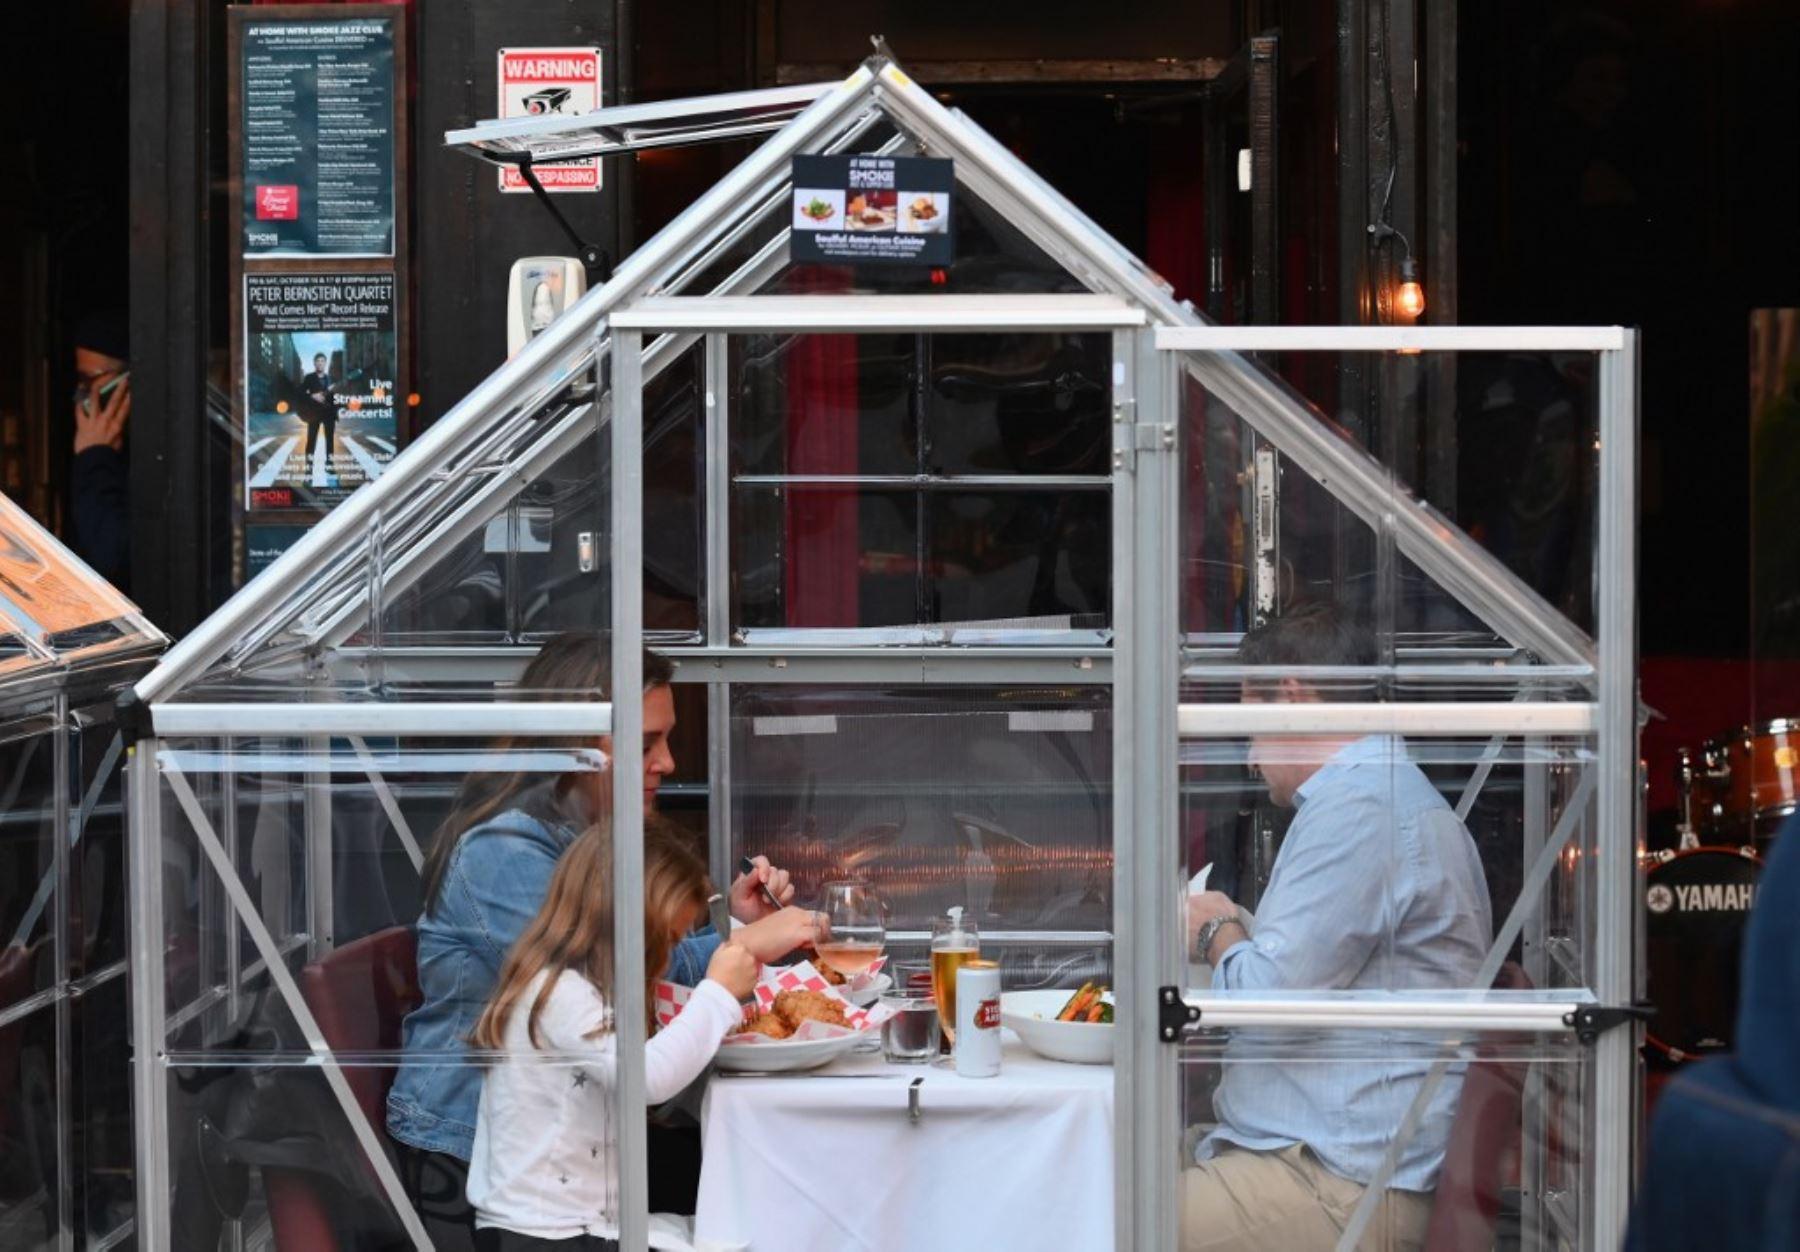 La gente cena en carpas de plástico por distanciamiento social en un restaurante en Manhattan en la ciudad de Nueva York, en medio de la pandemia de coronavirus. Foto: AFP